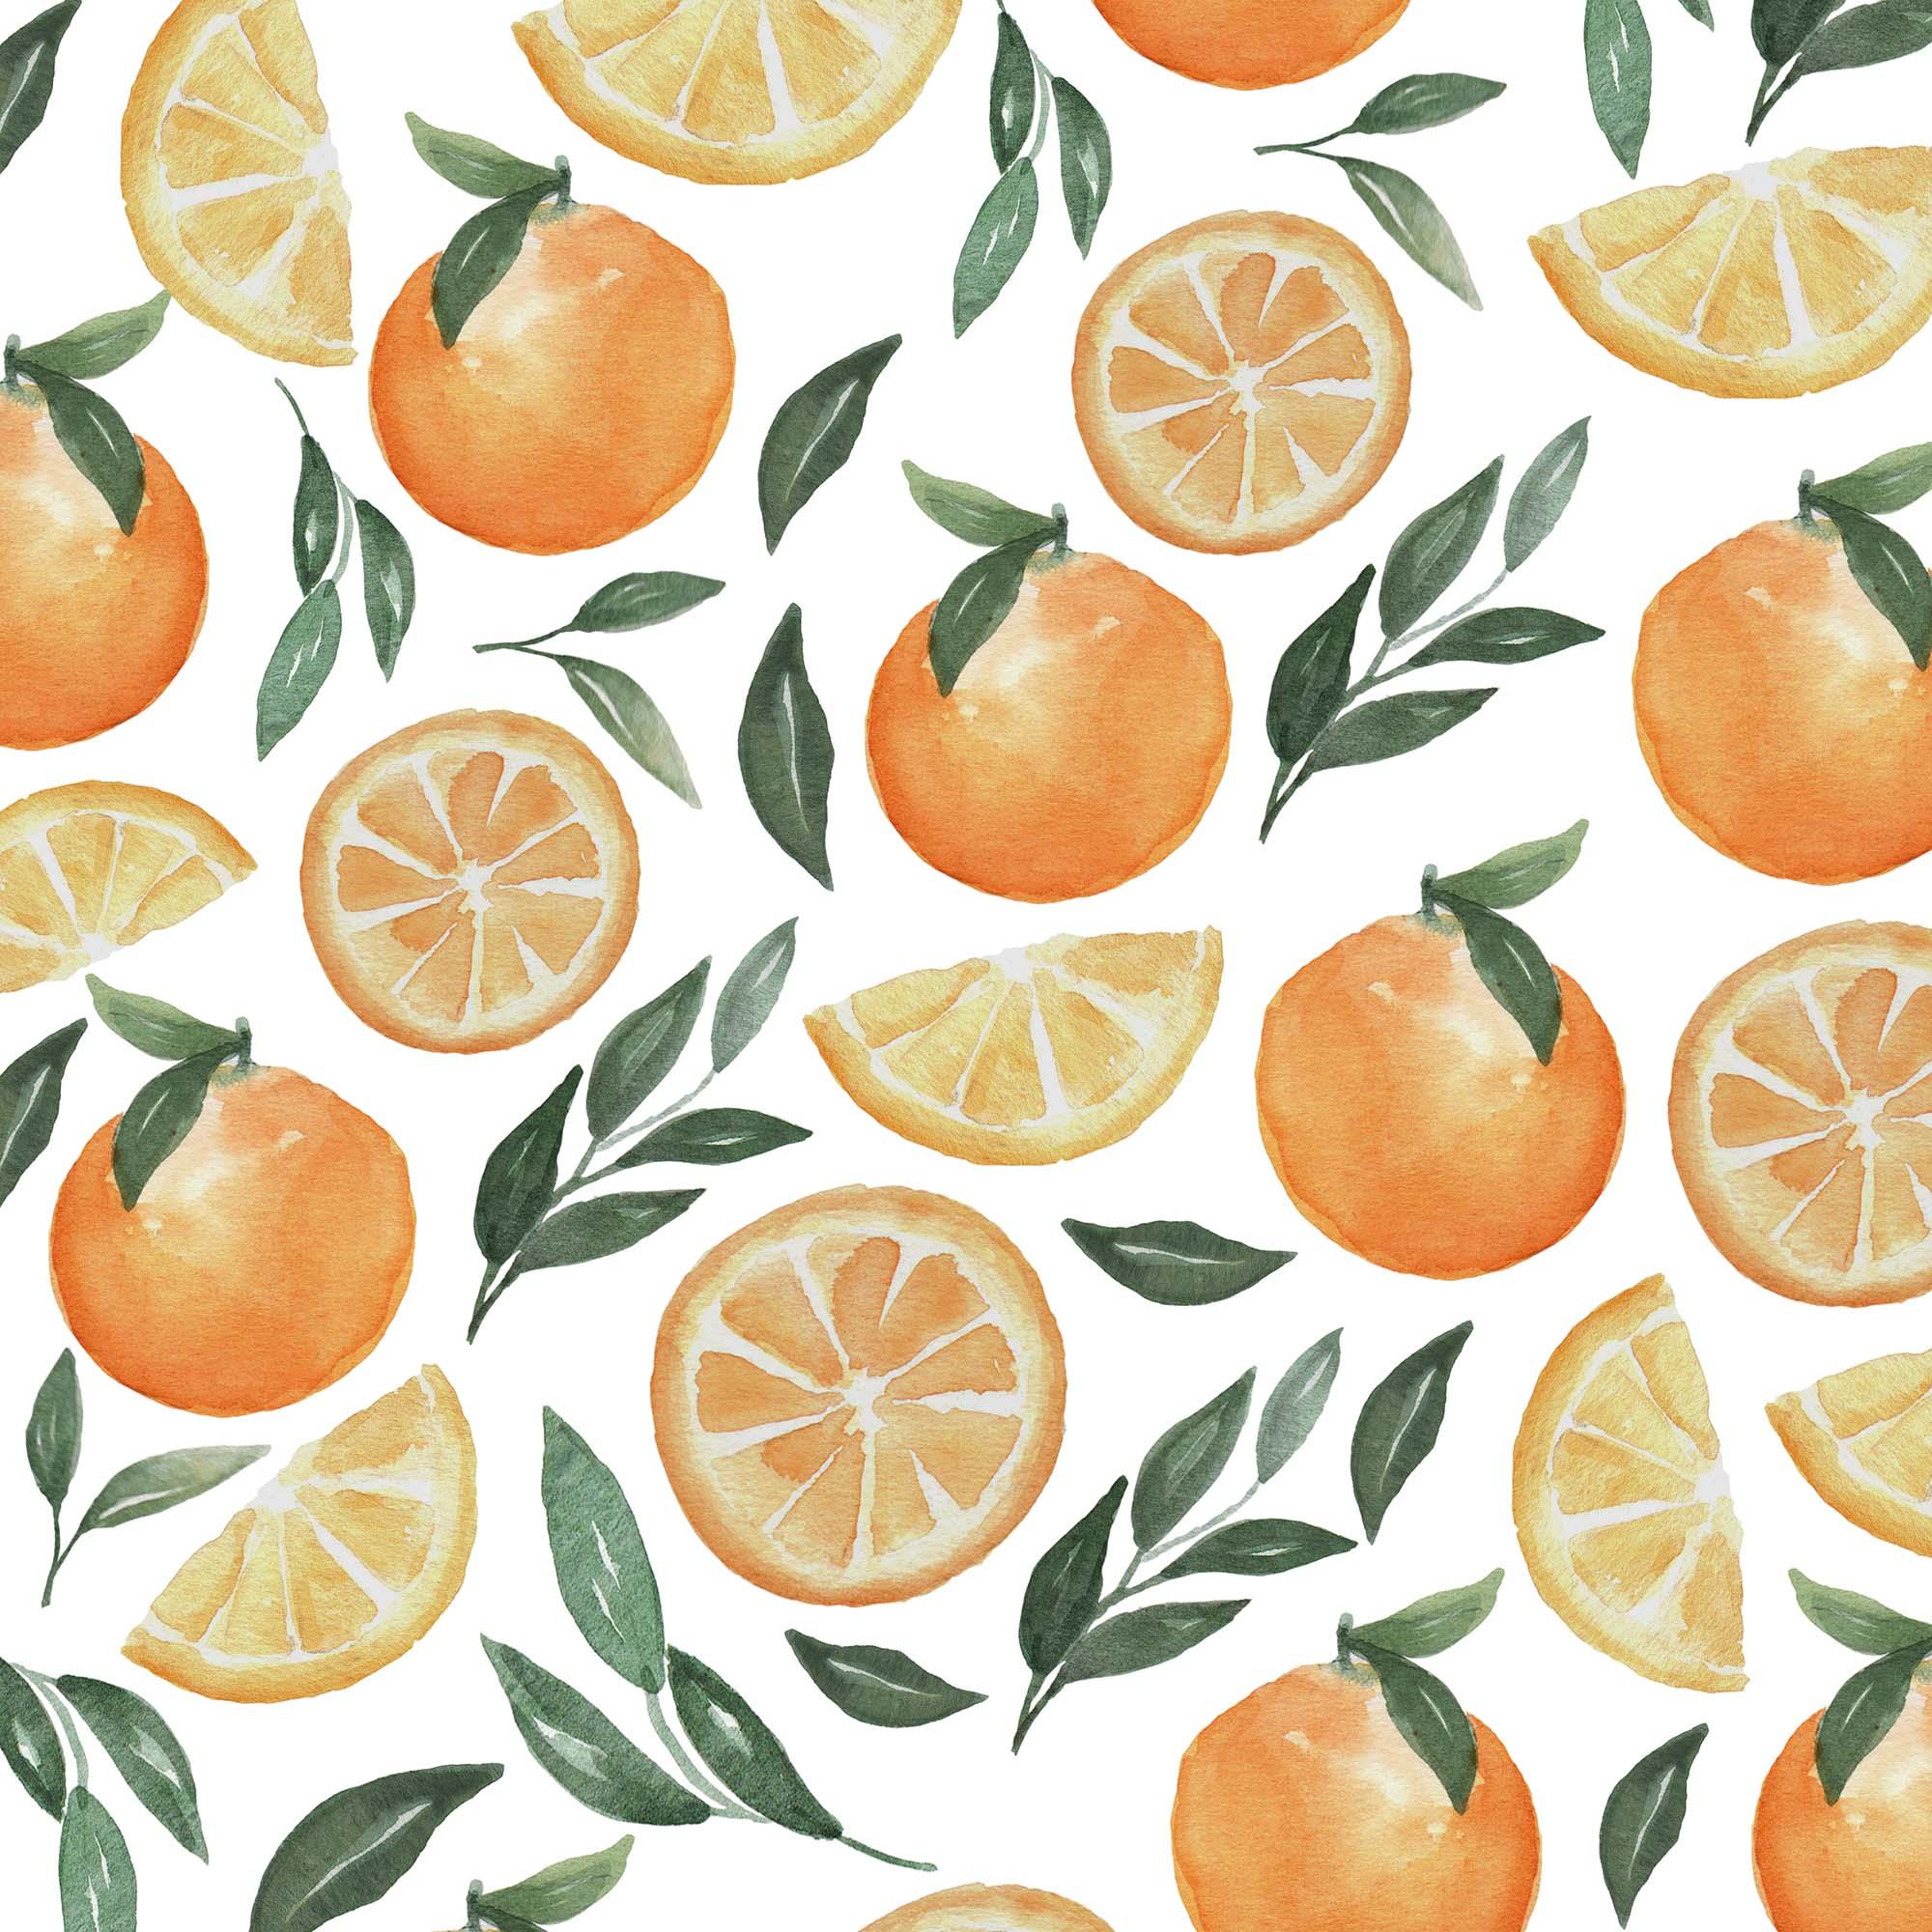 Orange Fruit Watercolor Clipart Patterns